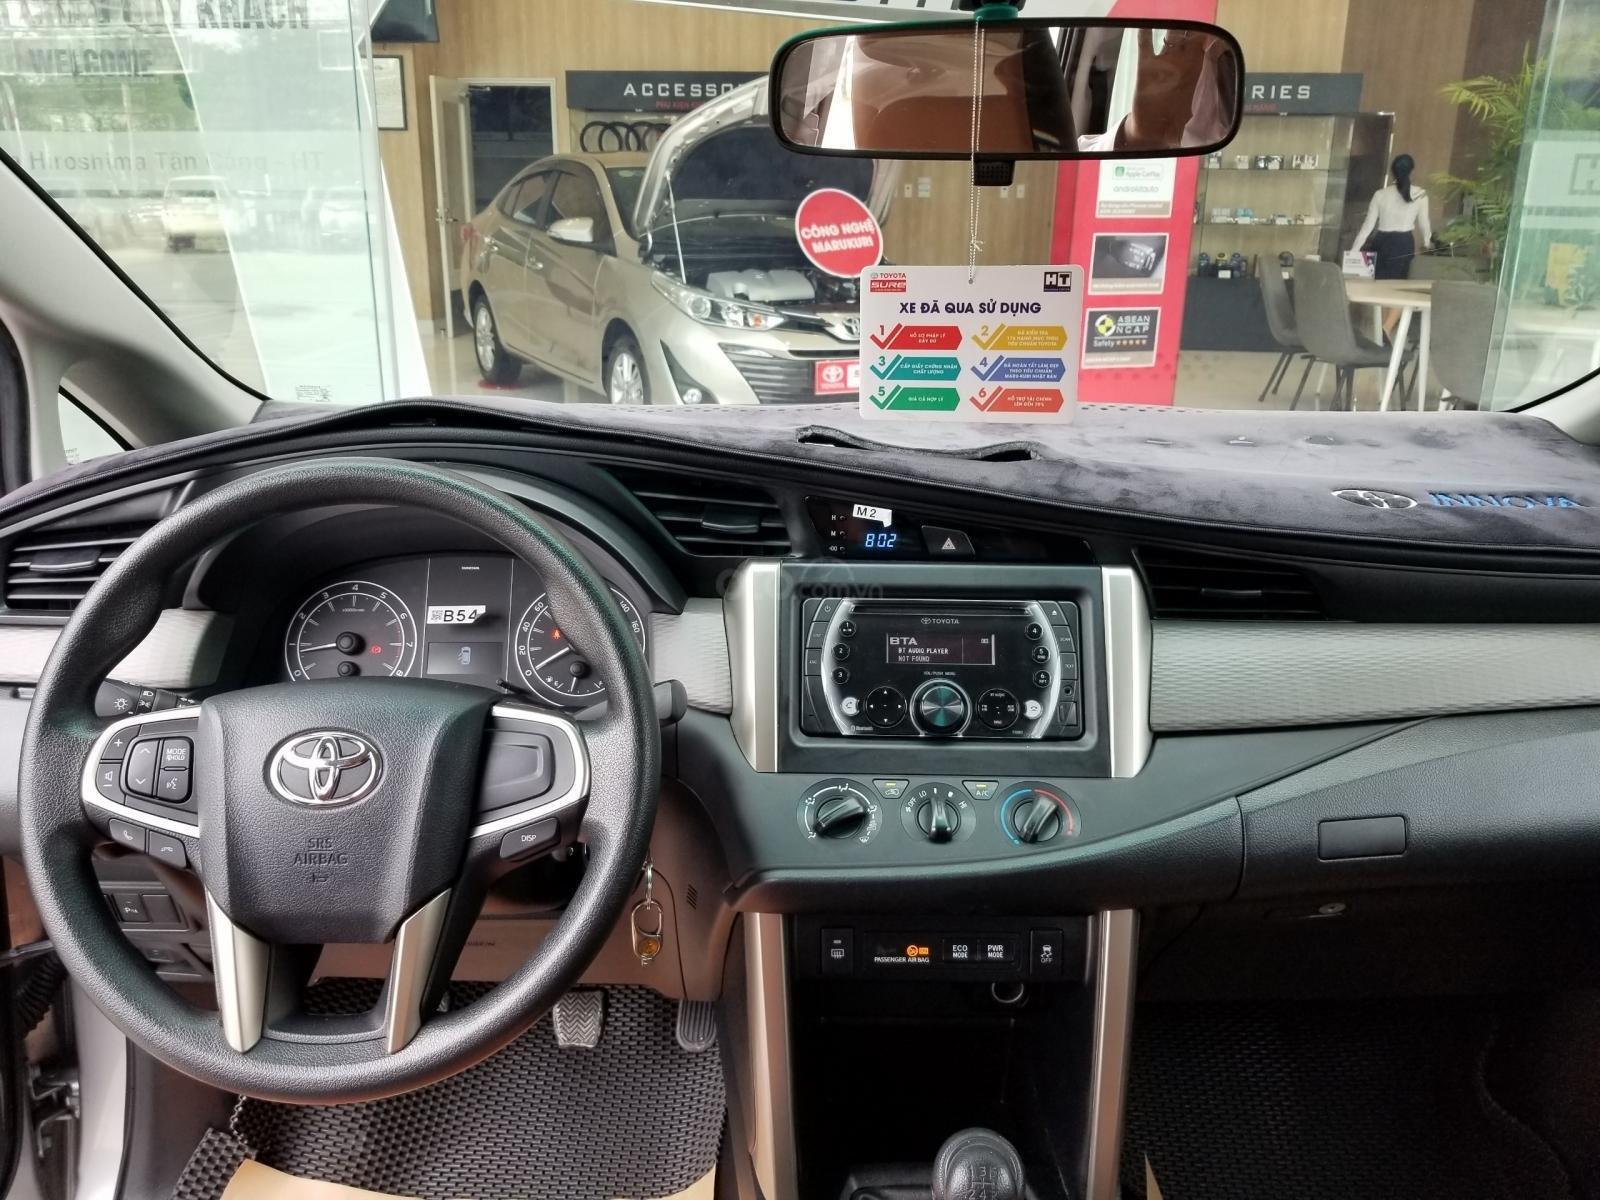 Cần bán xe Toyota Innova 2.0E 2019, màu bạc, xe gia đình HCM đi 45.000km - Xe chất giá tốt (8)